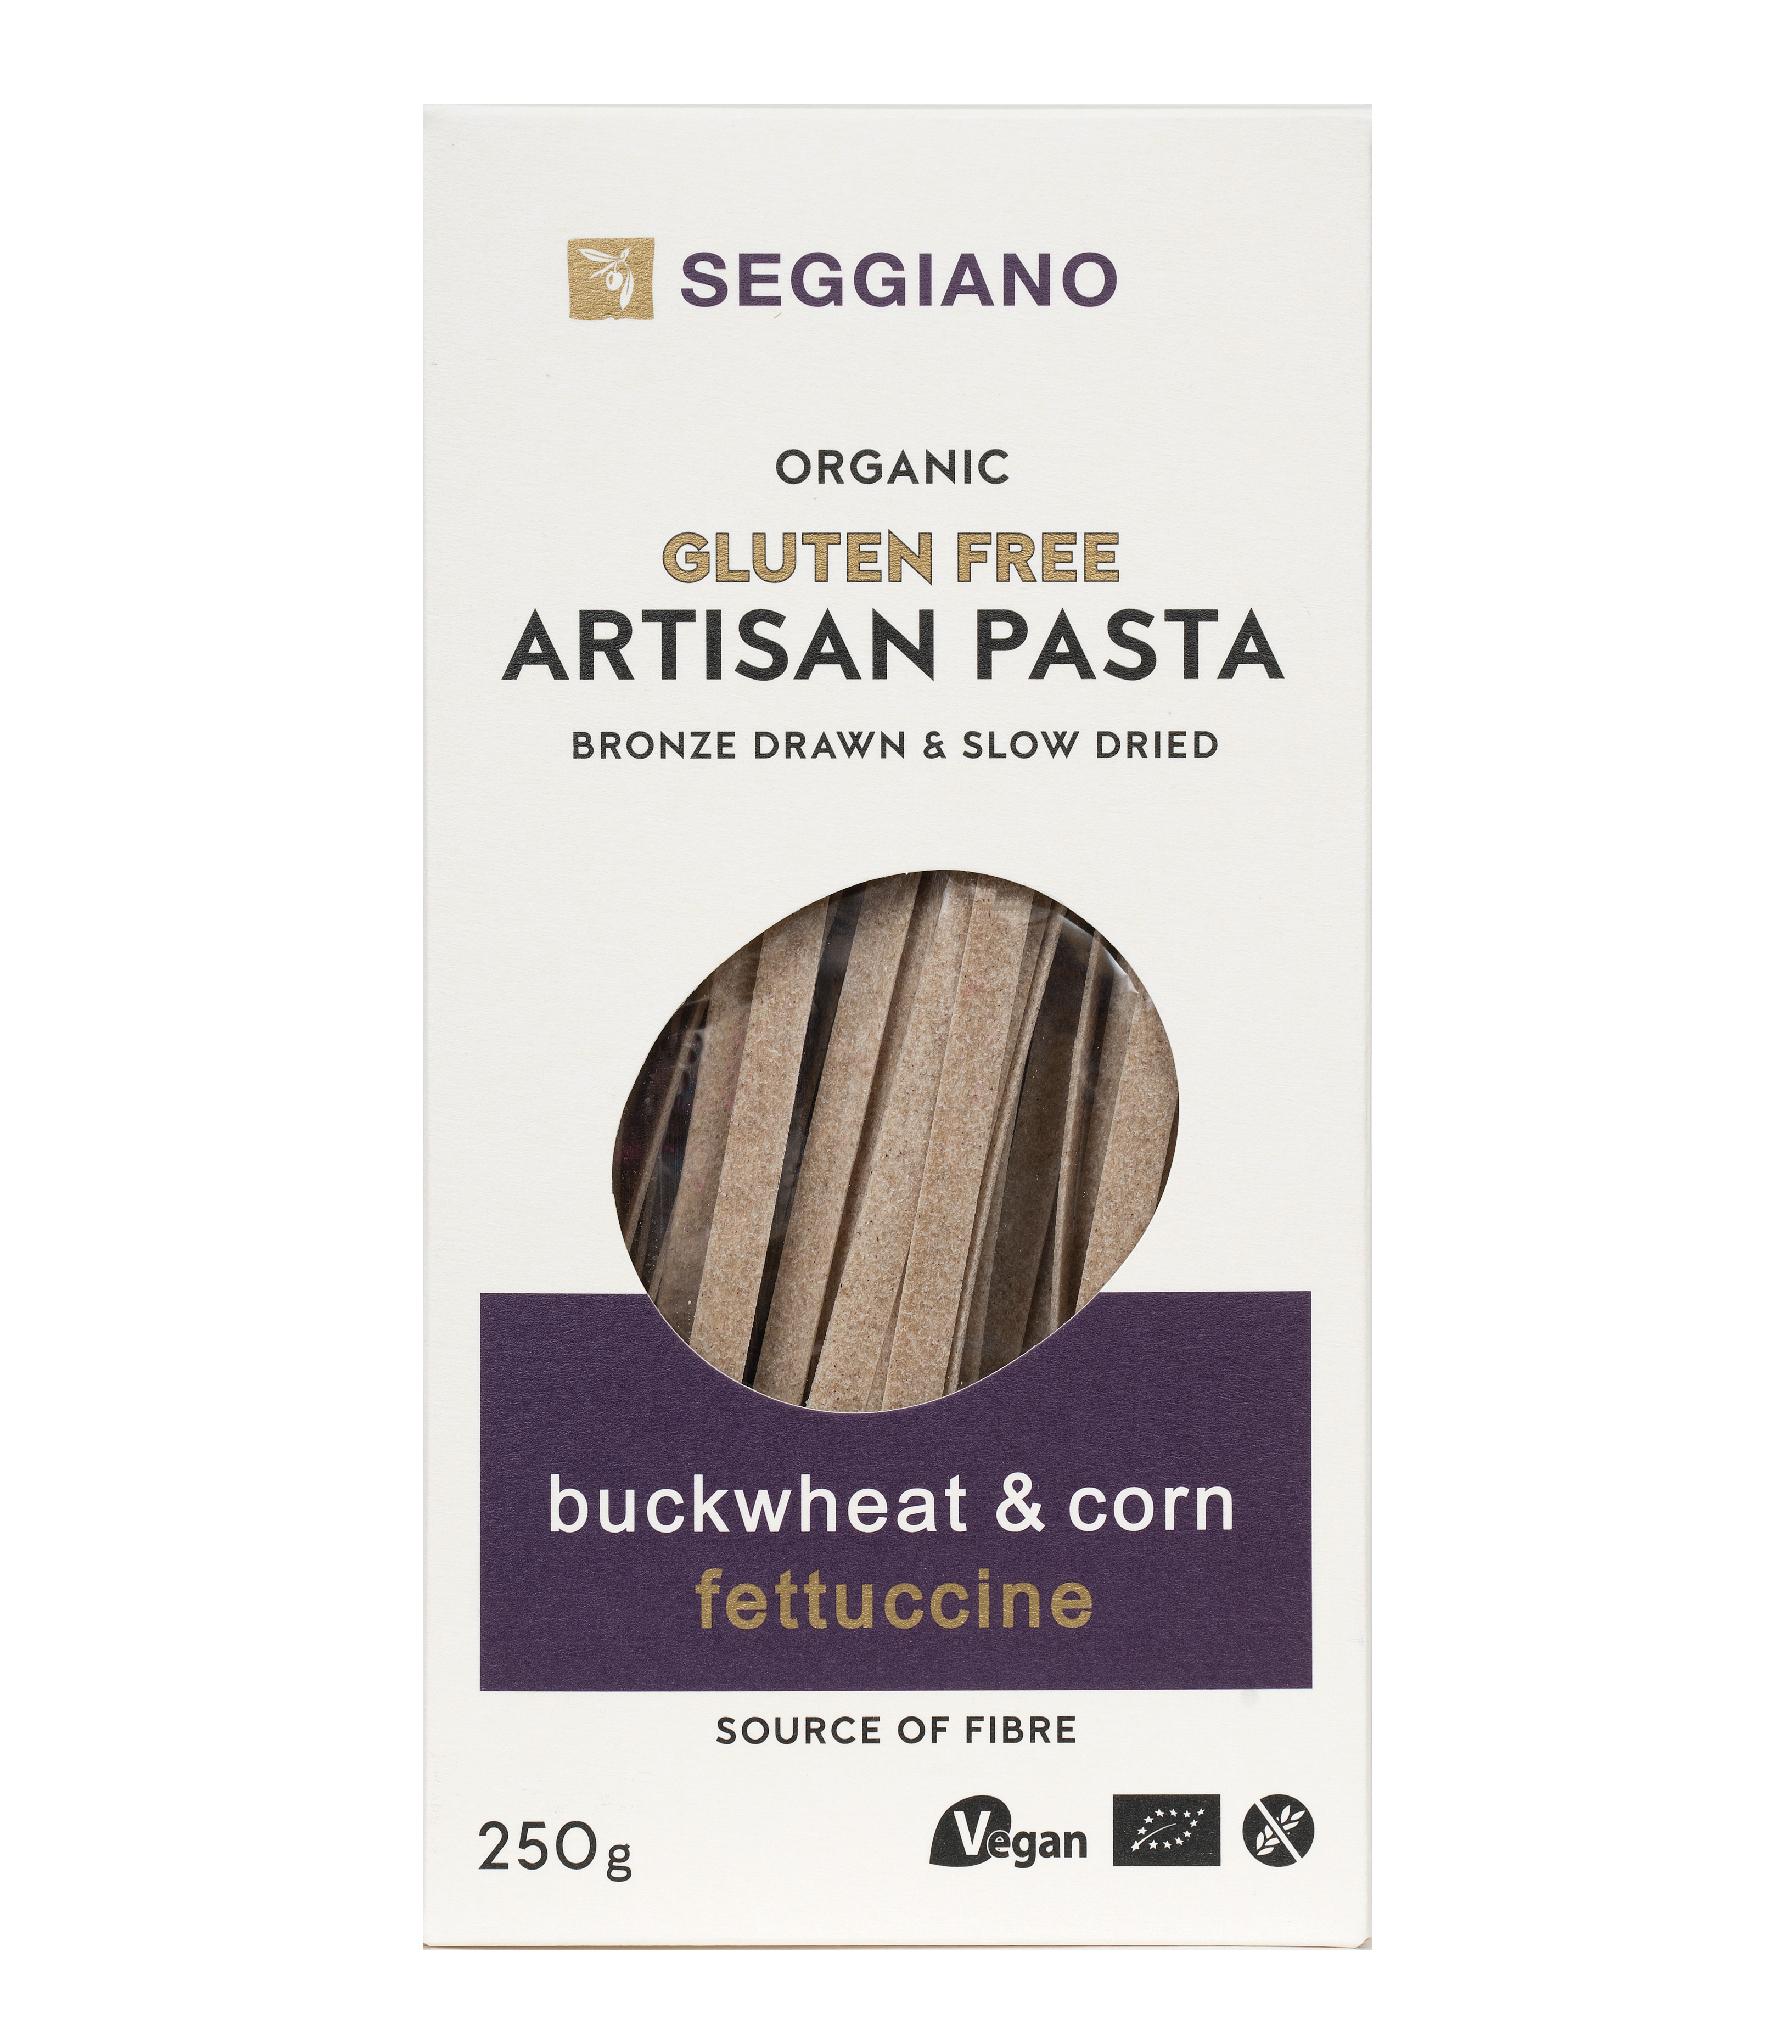 Seggiano Organic Buckwheat & Corn Fettuccine